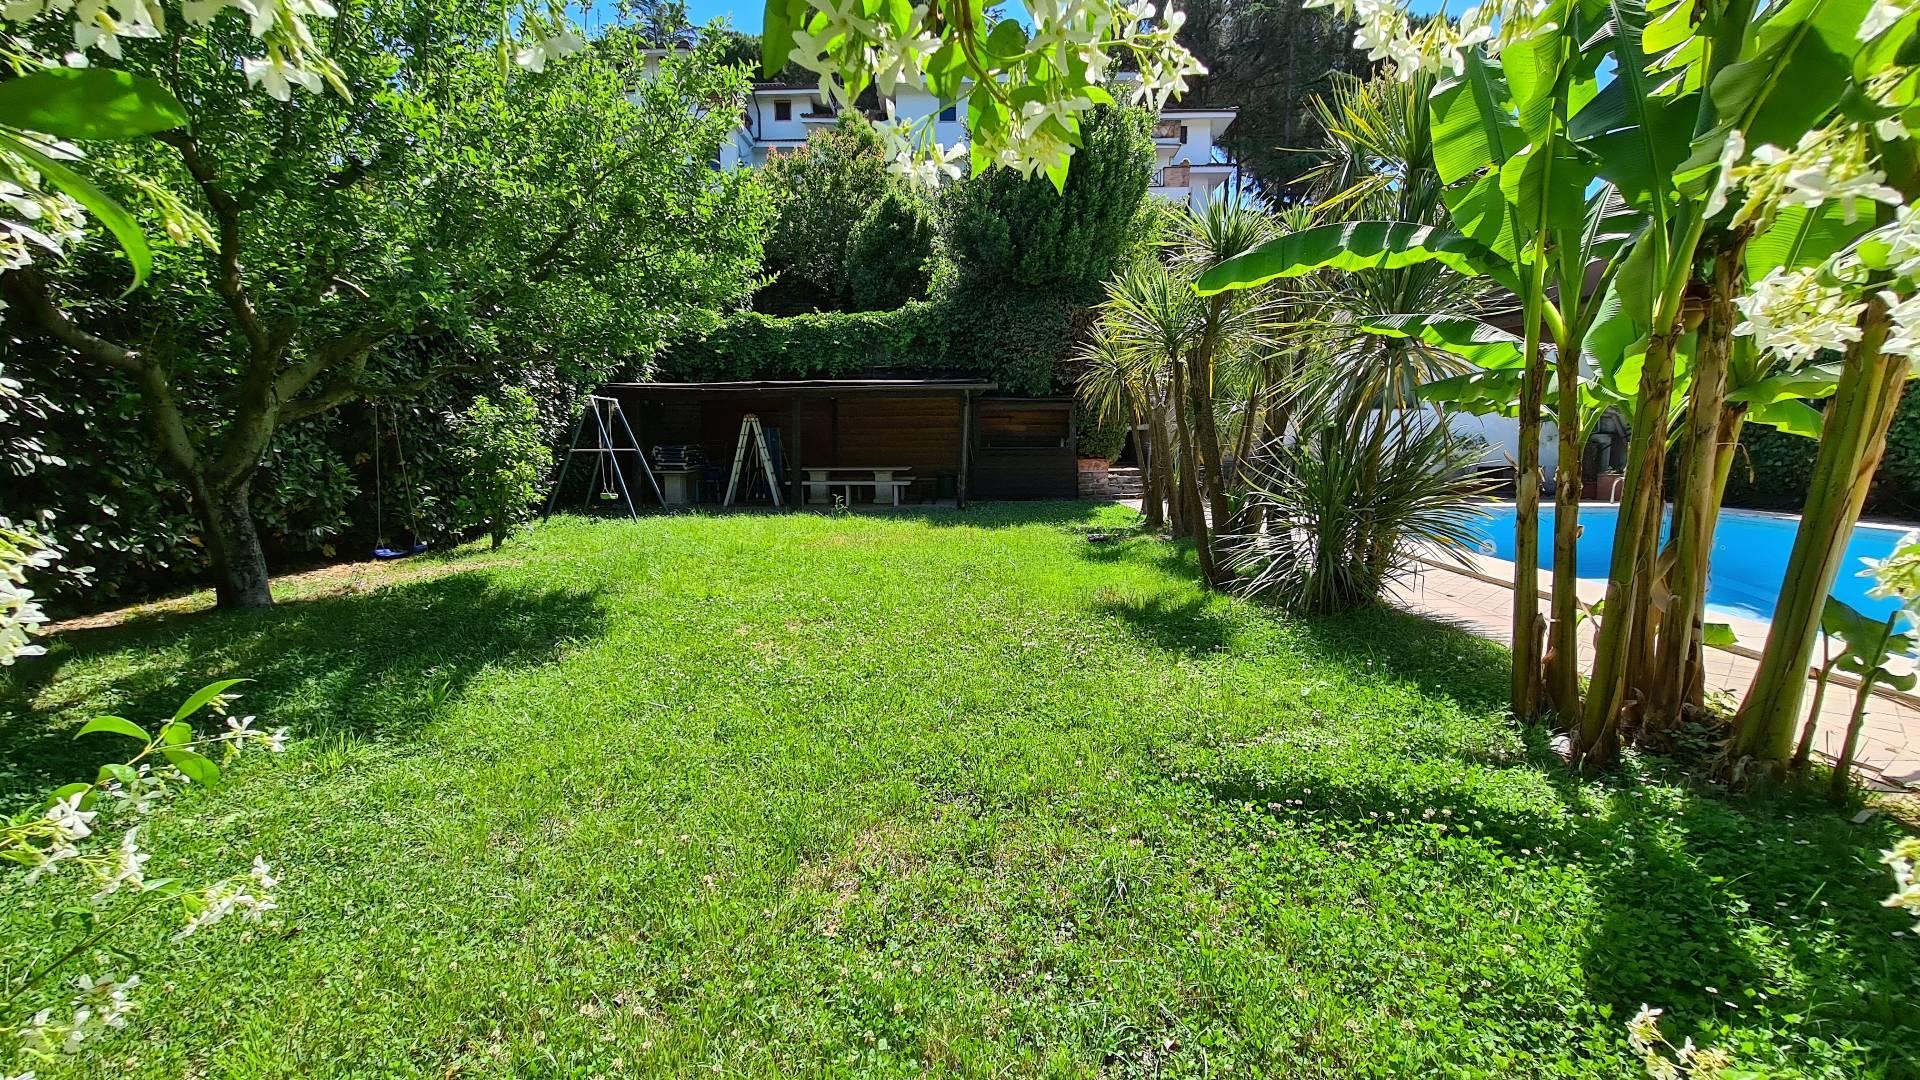 Villa in vendita a Formello, 4 locali, zona Località: LeRughe, prezzo € 490.000   CambioCasa.it